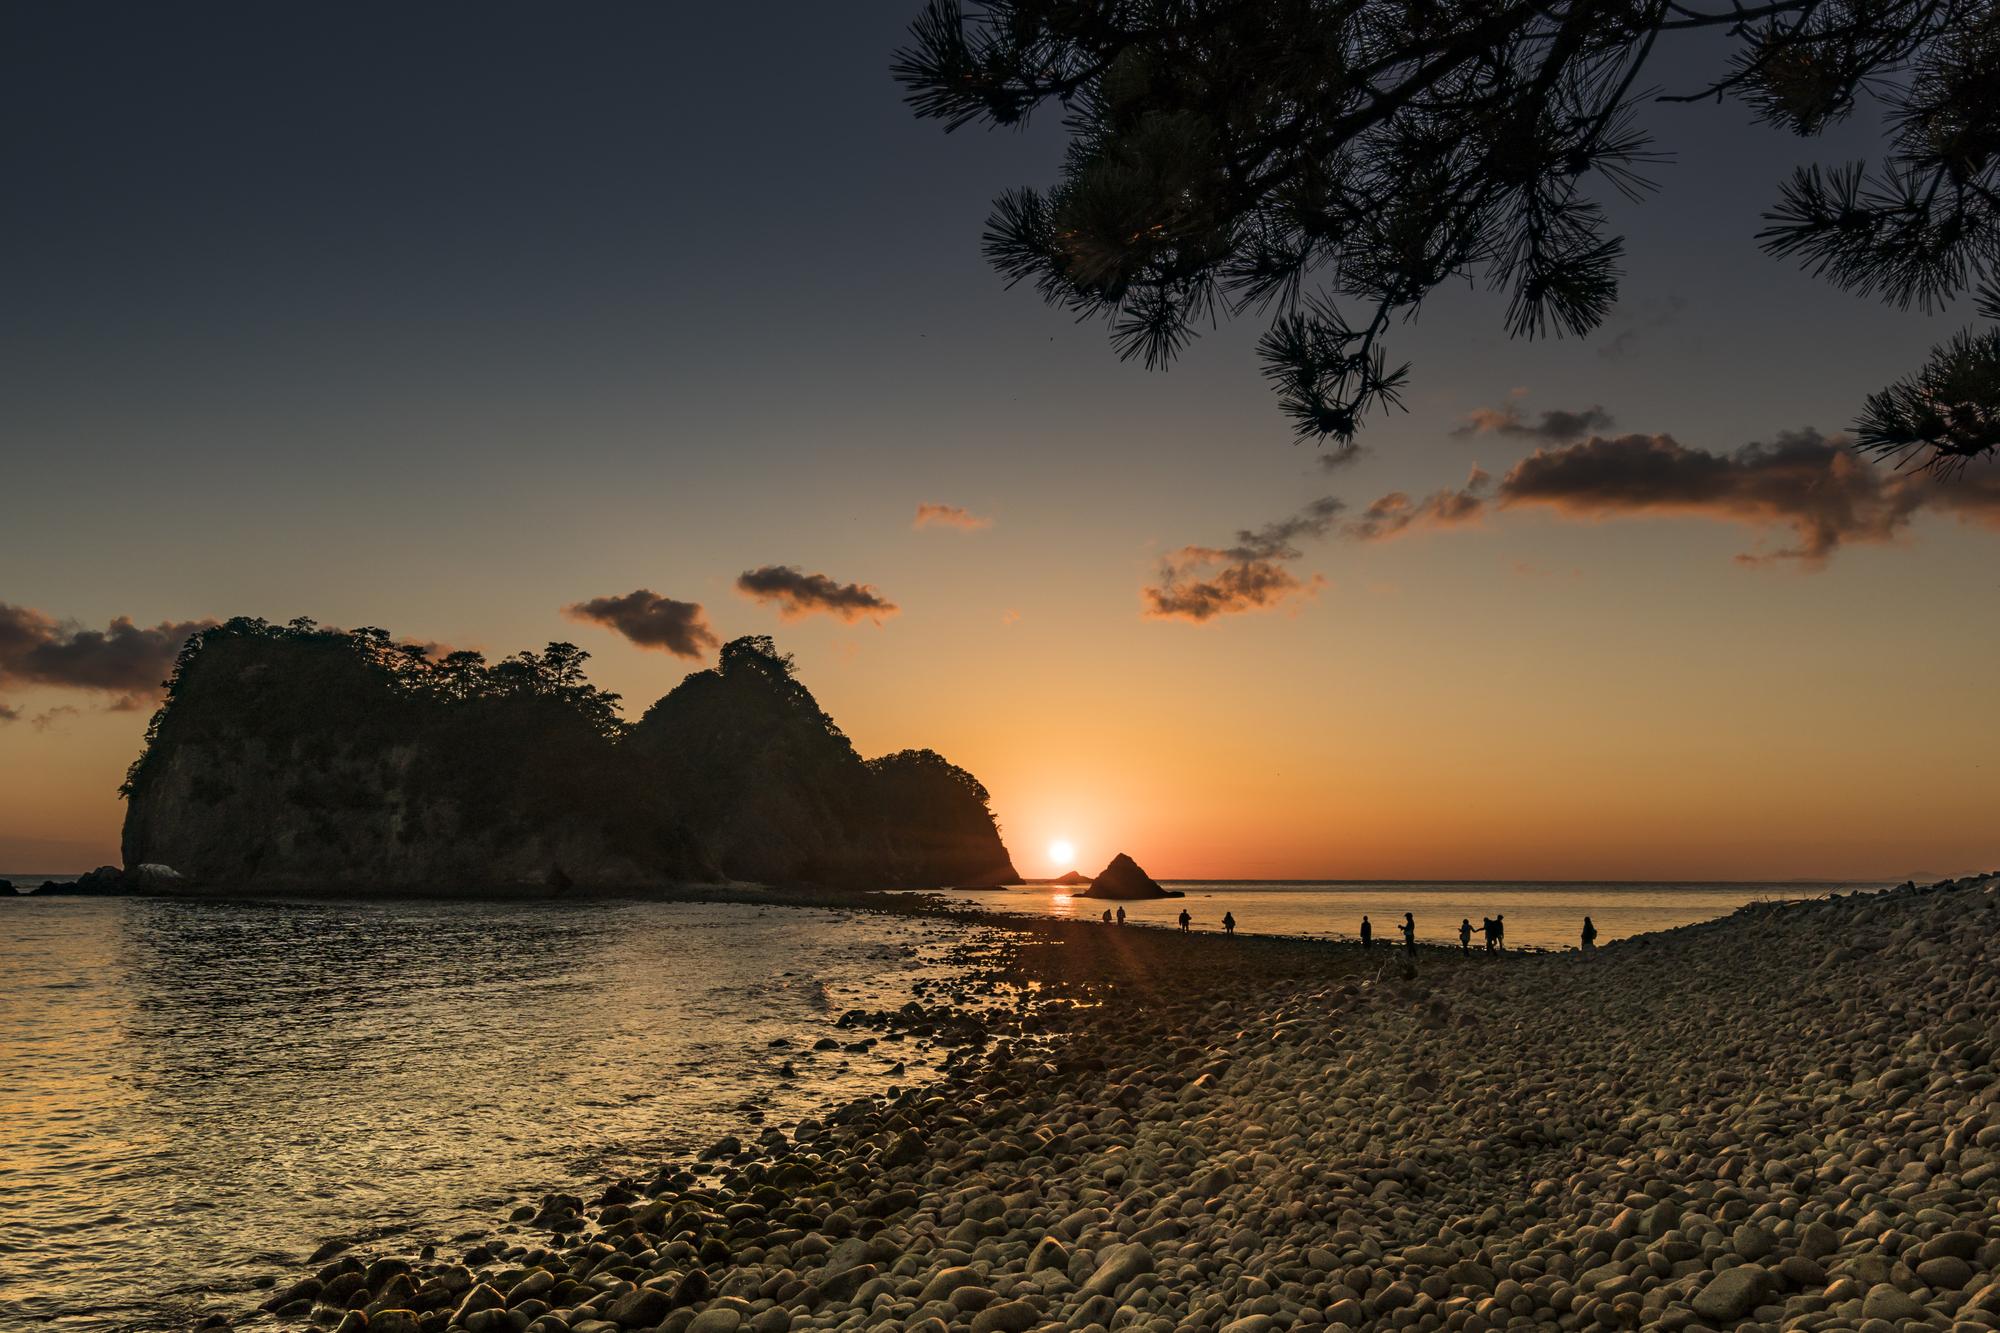 【浮島温泉】美しい夕日を背に永遠の愛を誓おう